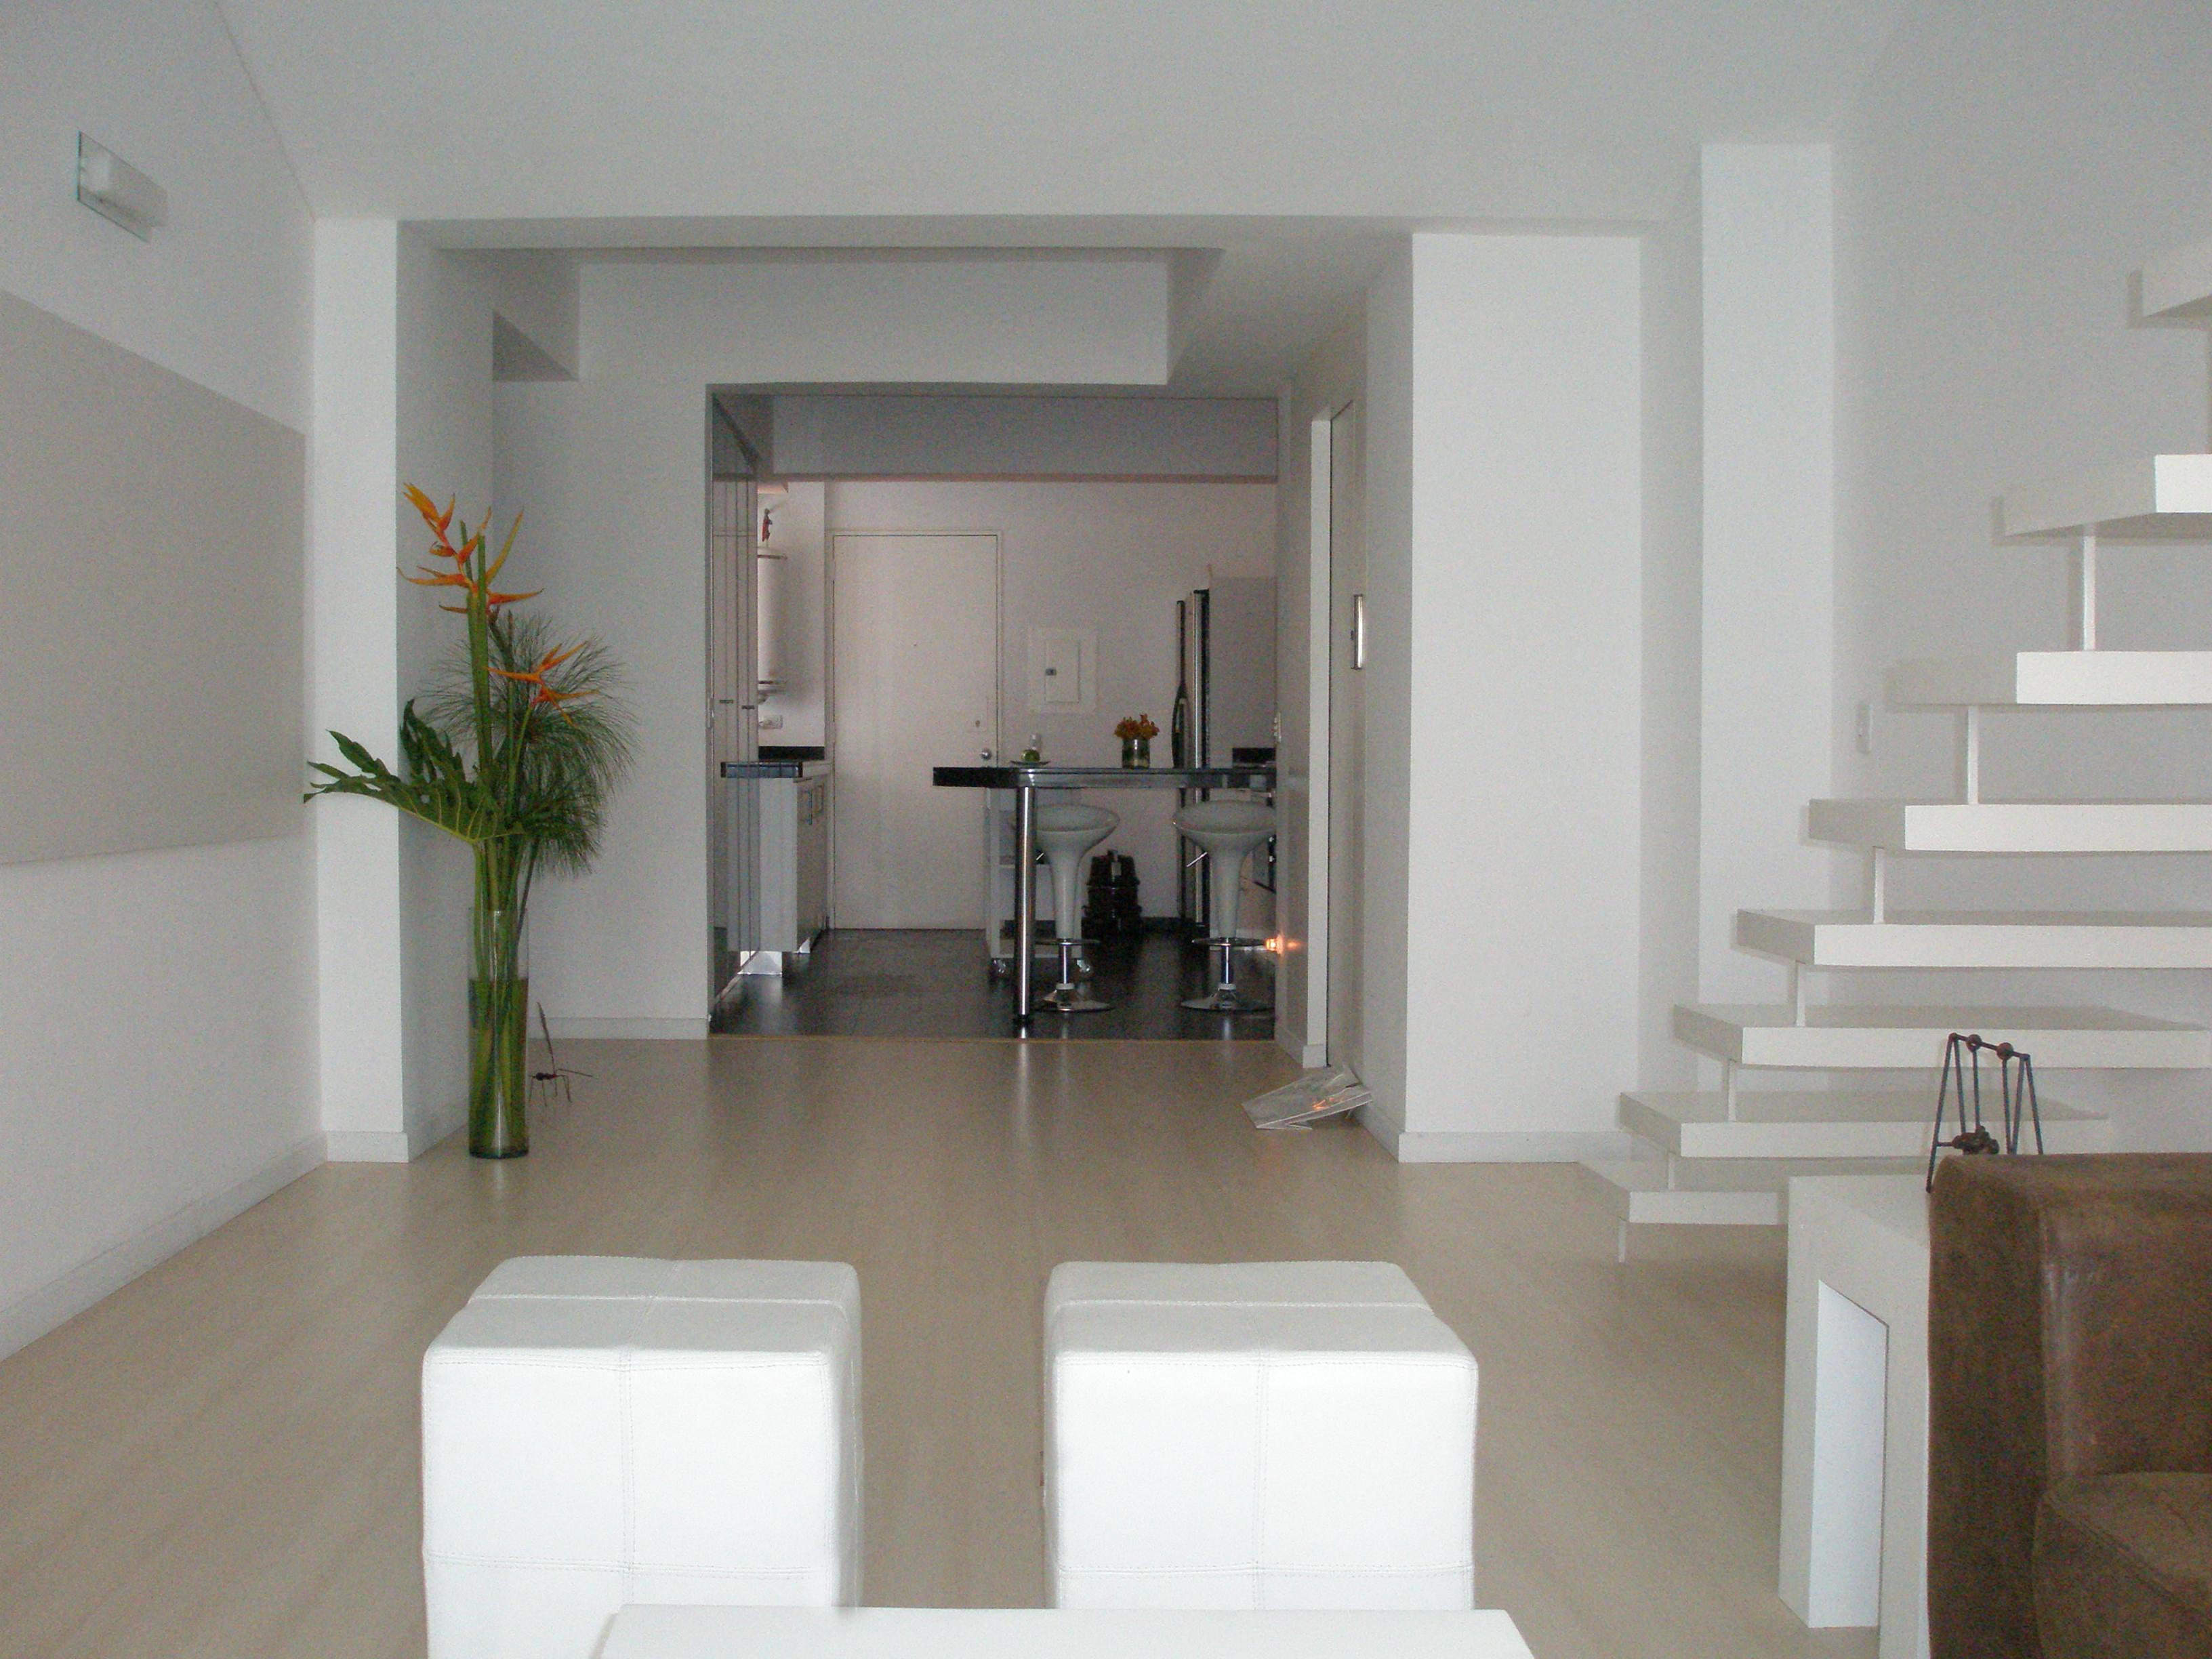 diseño interior y arquitectura